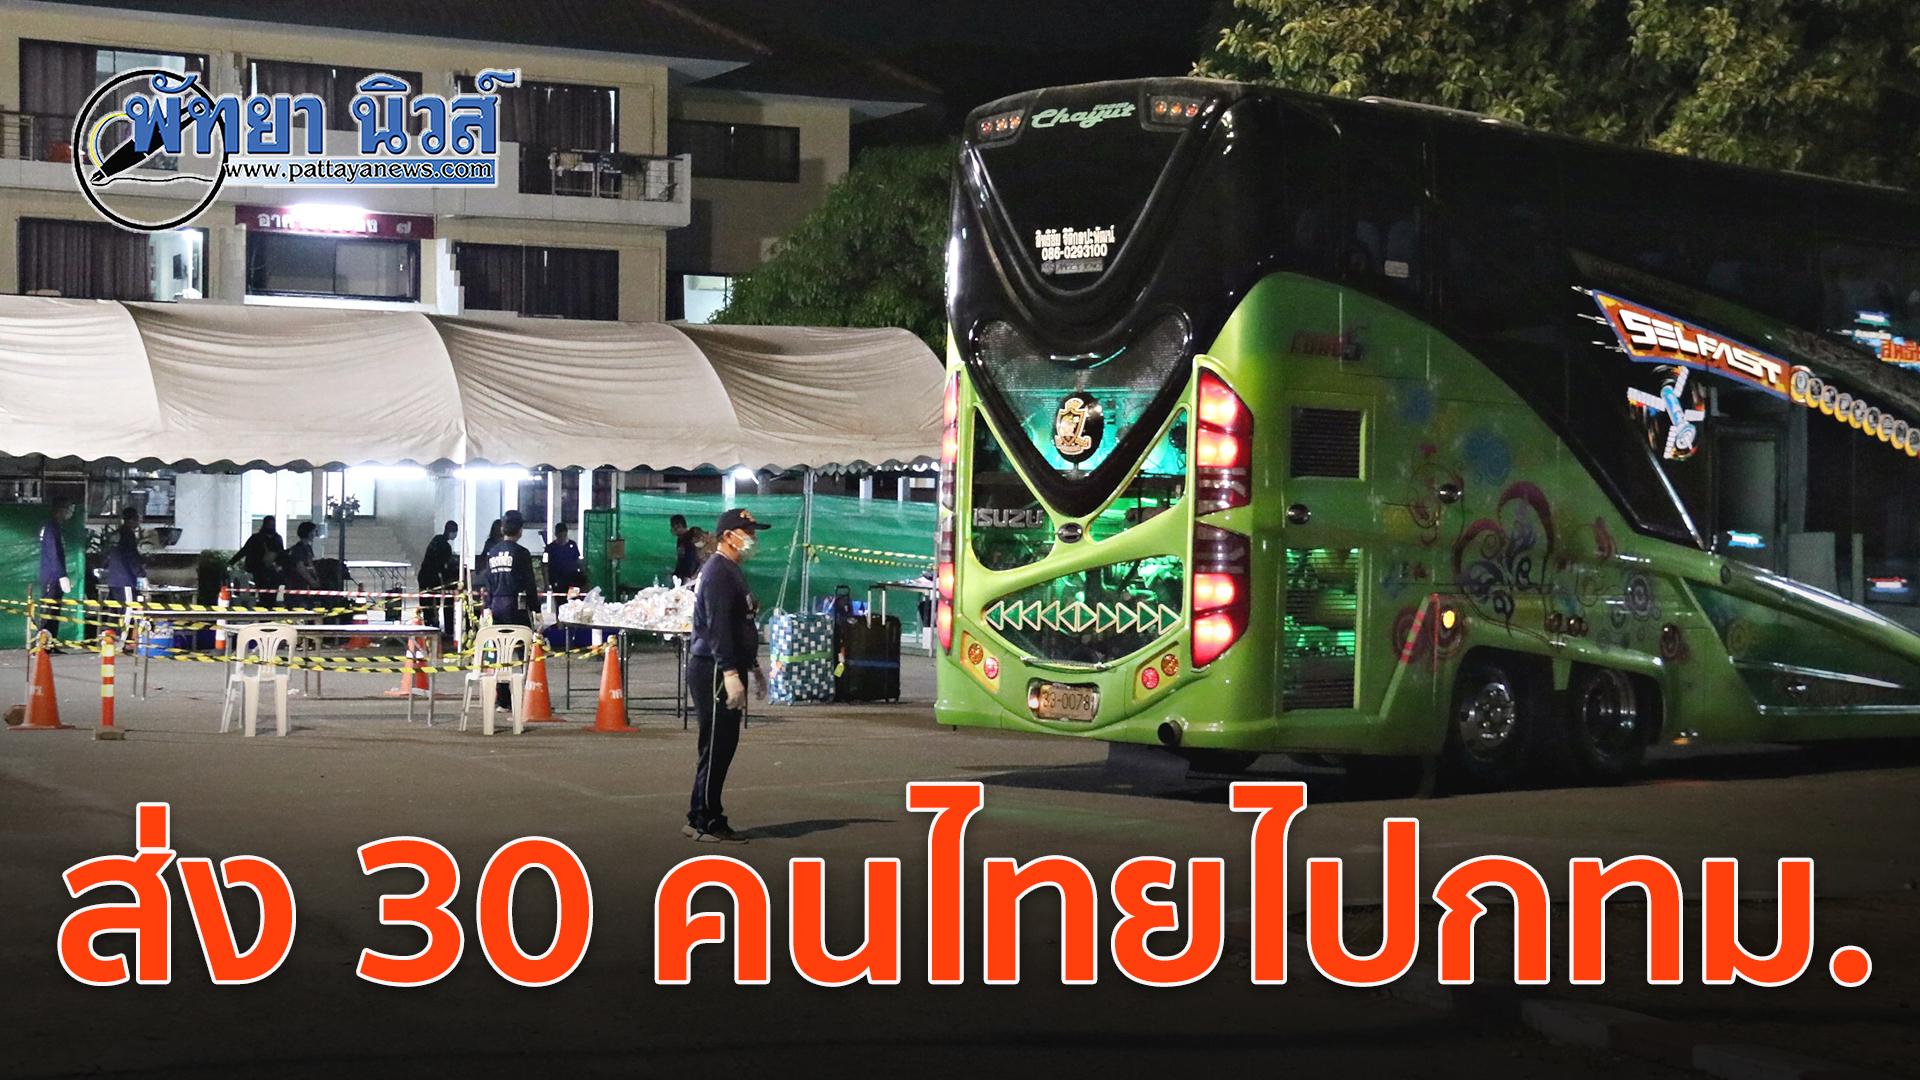 ย้าย 30 คนไทยจากอาคารรับรอง ไปกักตัว กทม